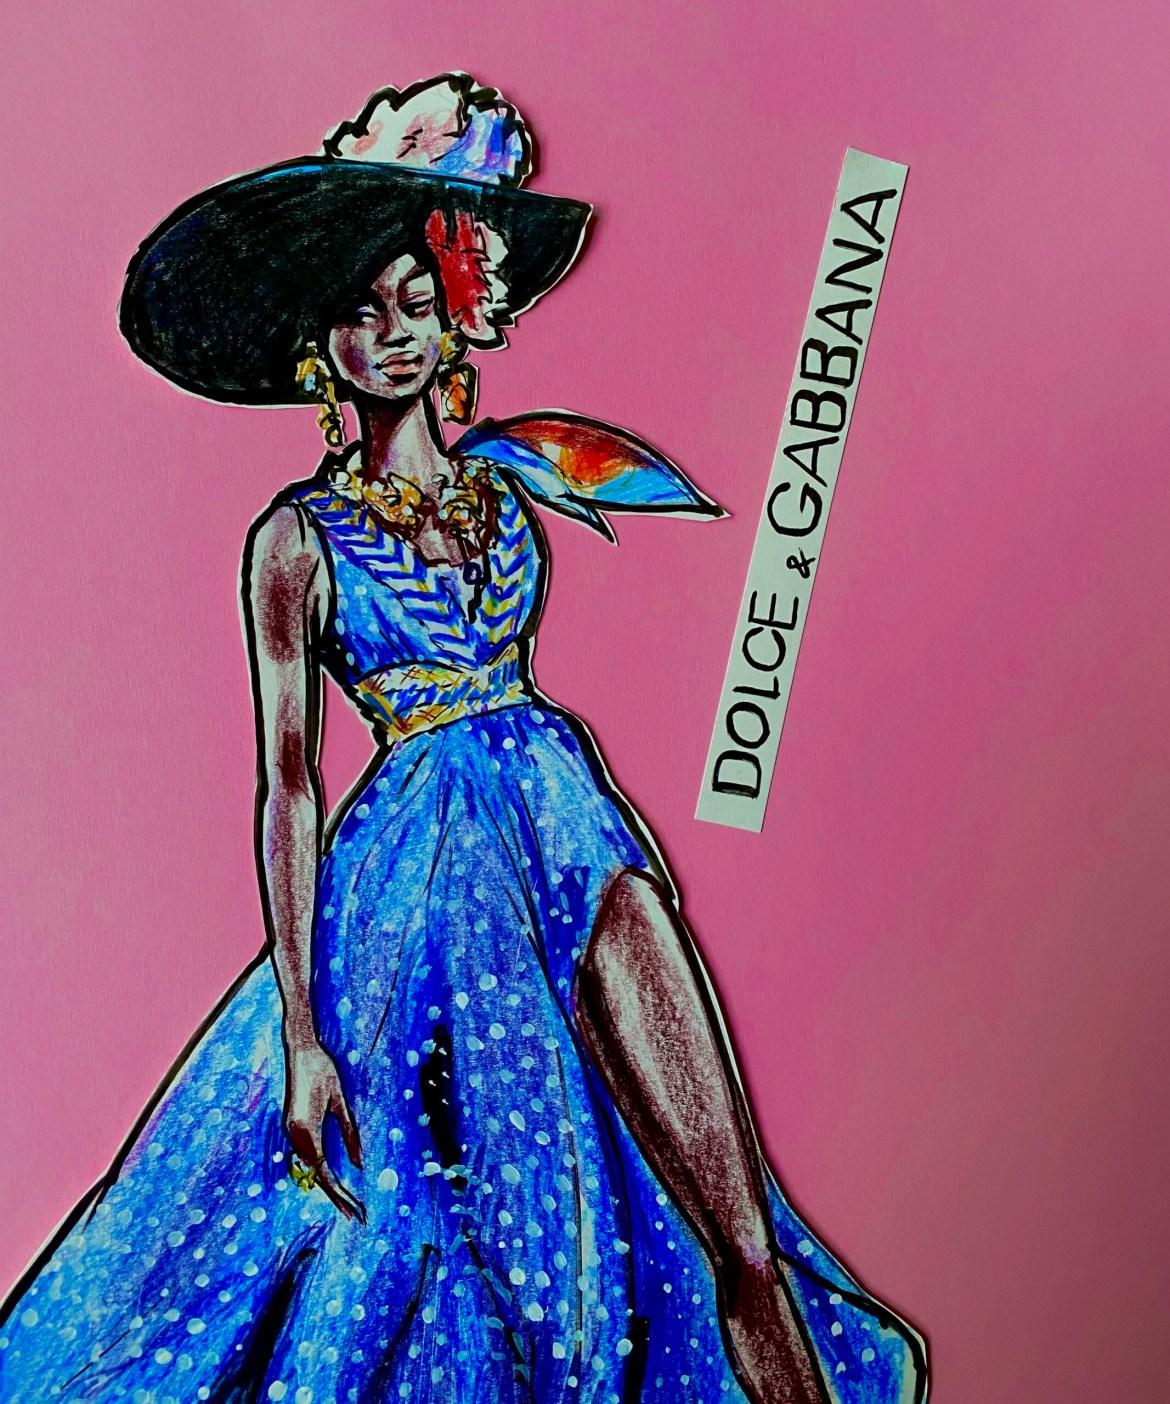 Illustration einer jungen Frau in einem ärmellosen langen Kleid in blau mit weissen punkten